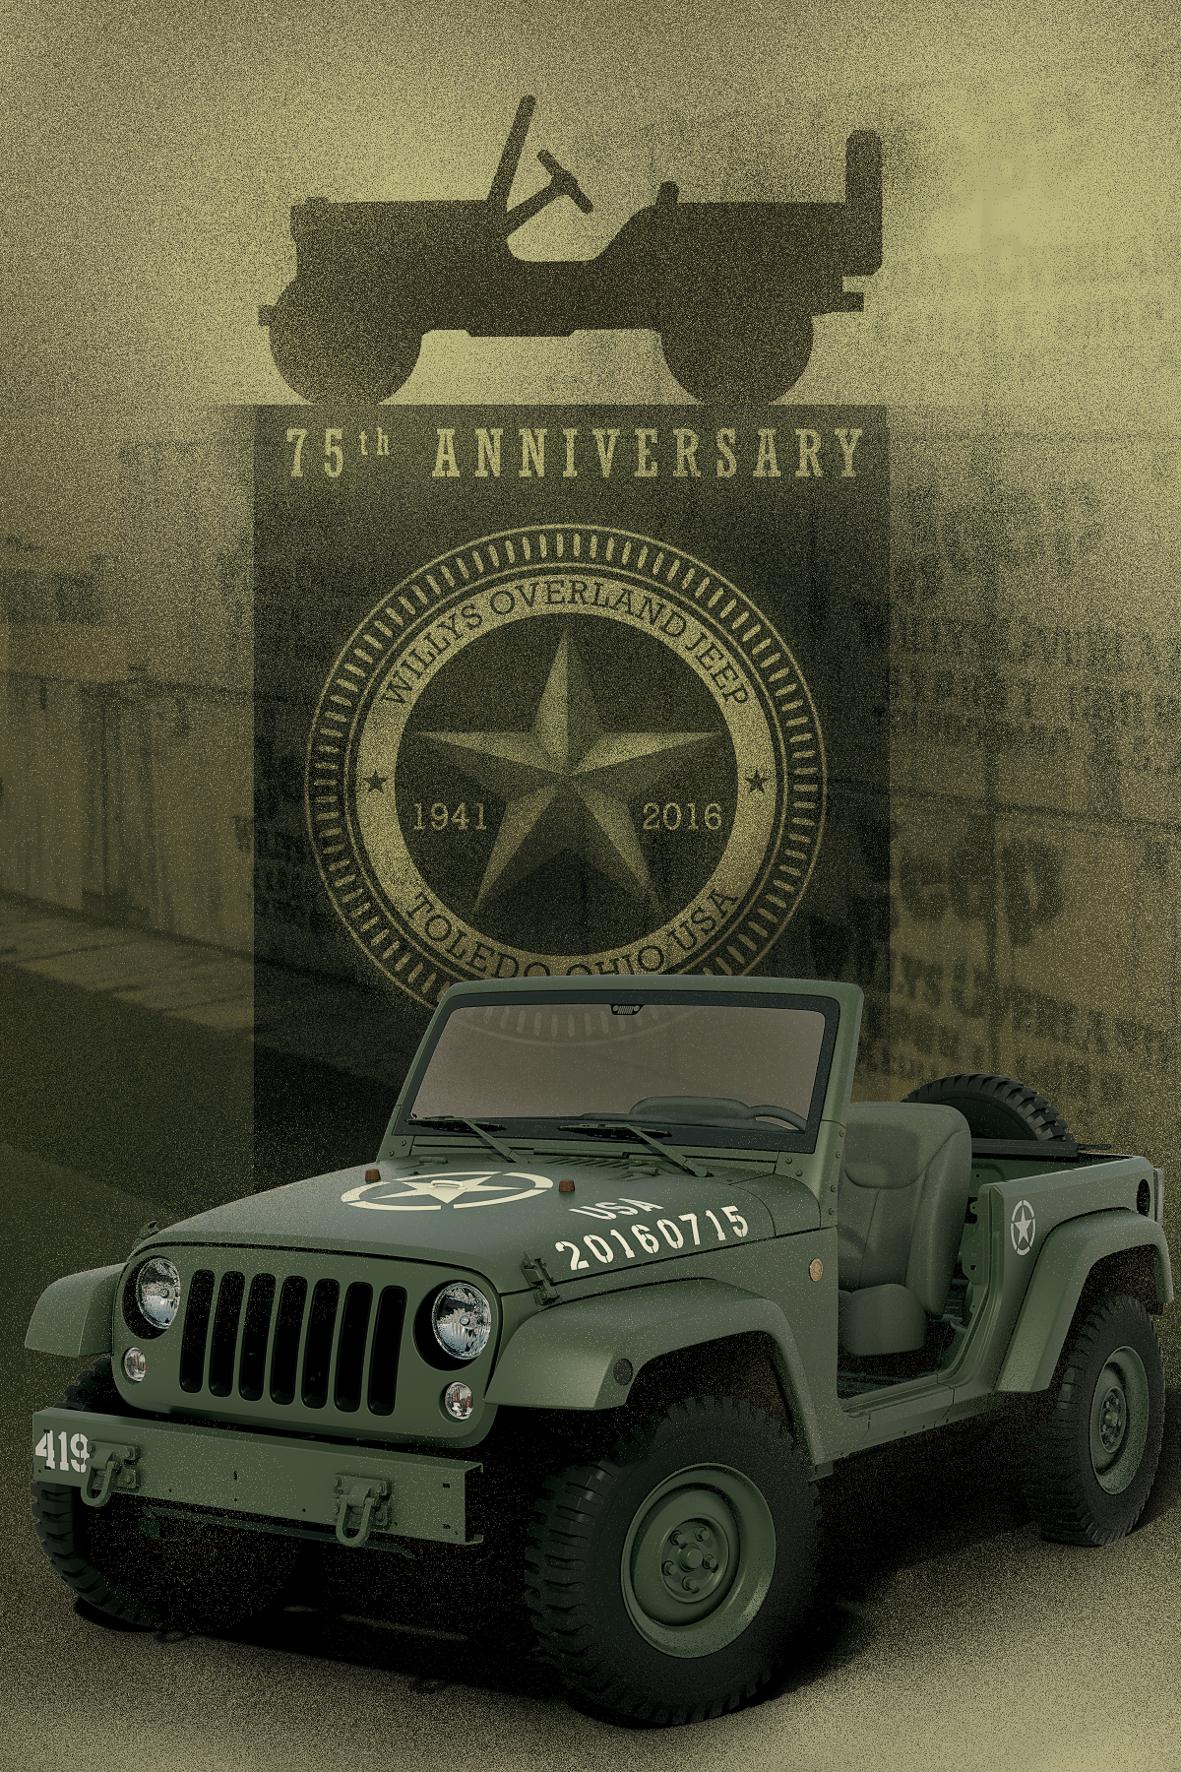 mid Wörth - 75 Jahre und kein bisschen müde: Jeep feiert in diesem Jahr Jubiläum.